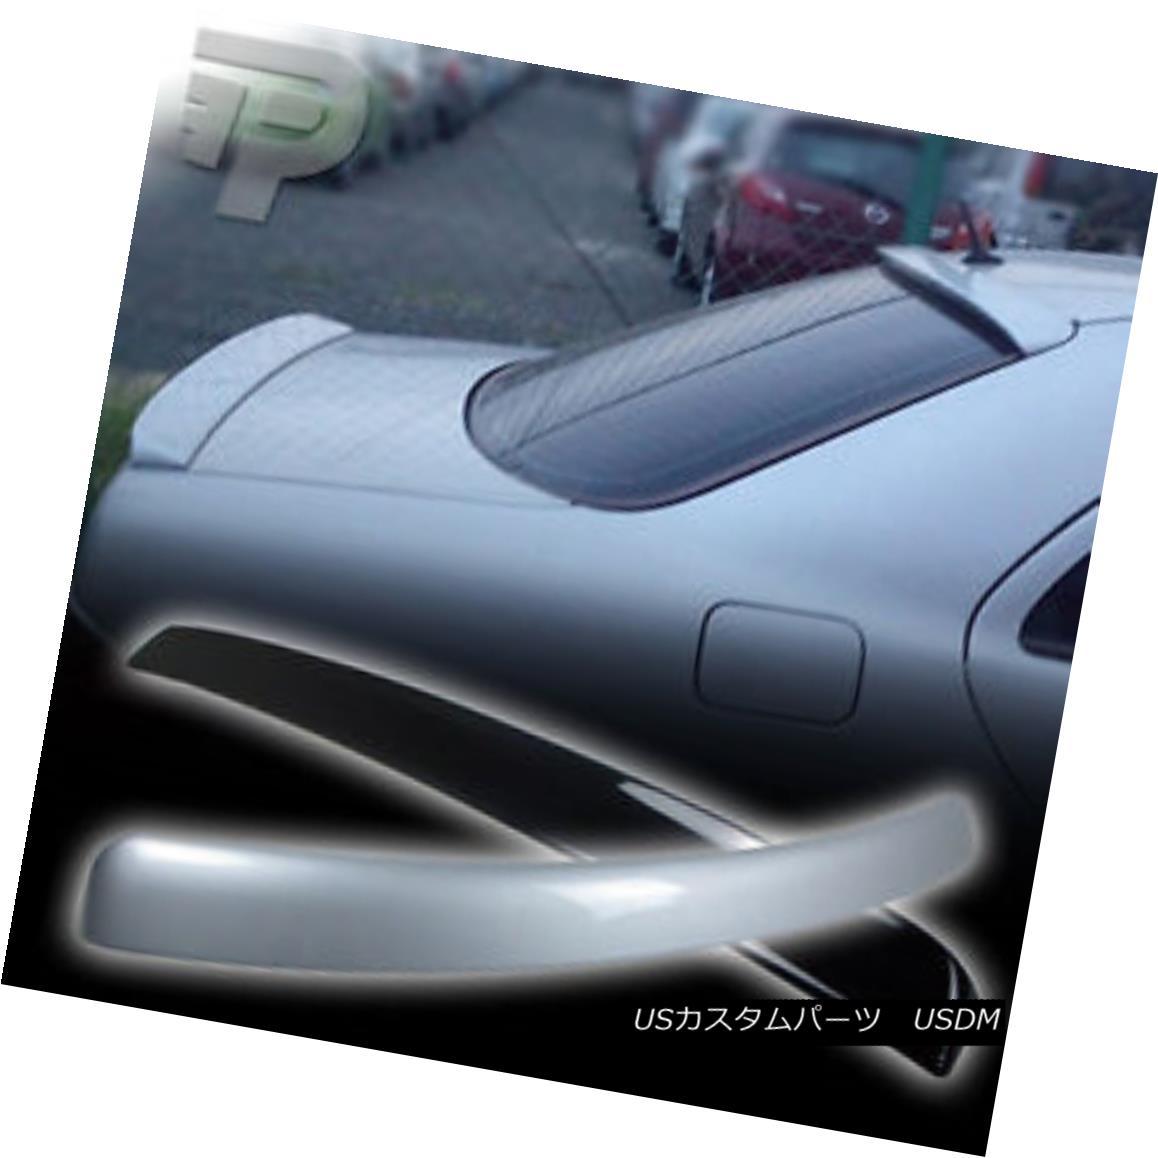 エアロパーツ PAINTED PAINTED Mercedes BENZ W210 L & TYPE W210 WING ROOF & D TYPE TRUNK BOOT SPOILER 95-01 ▼ ペイントされたメルセデスベンツW210 Lタイプウイングルーフ& Dタイプトランク・ブーツ・スポイラー95-01?, ショップマリー Shop Marie:5fa97027 --- reinhekla.no